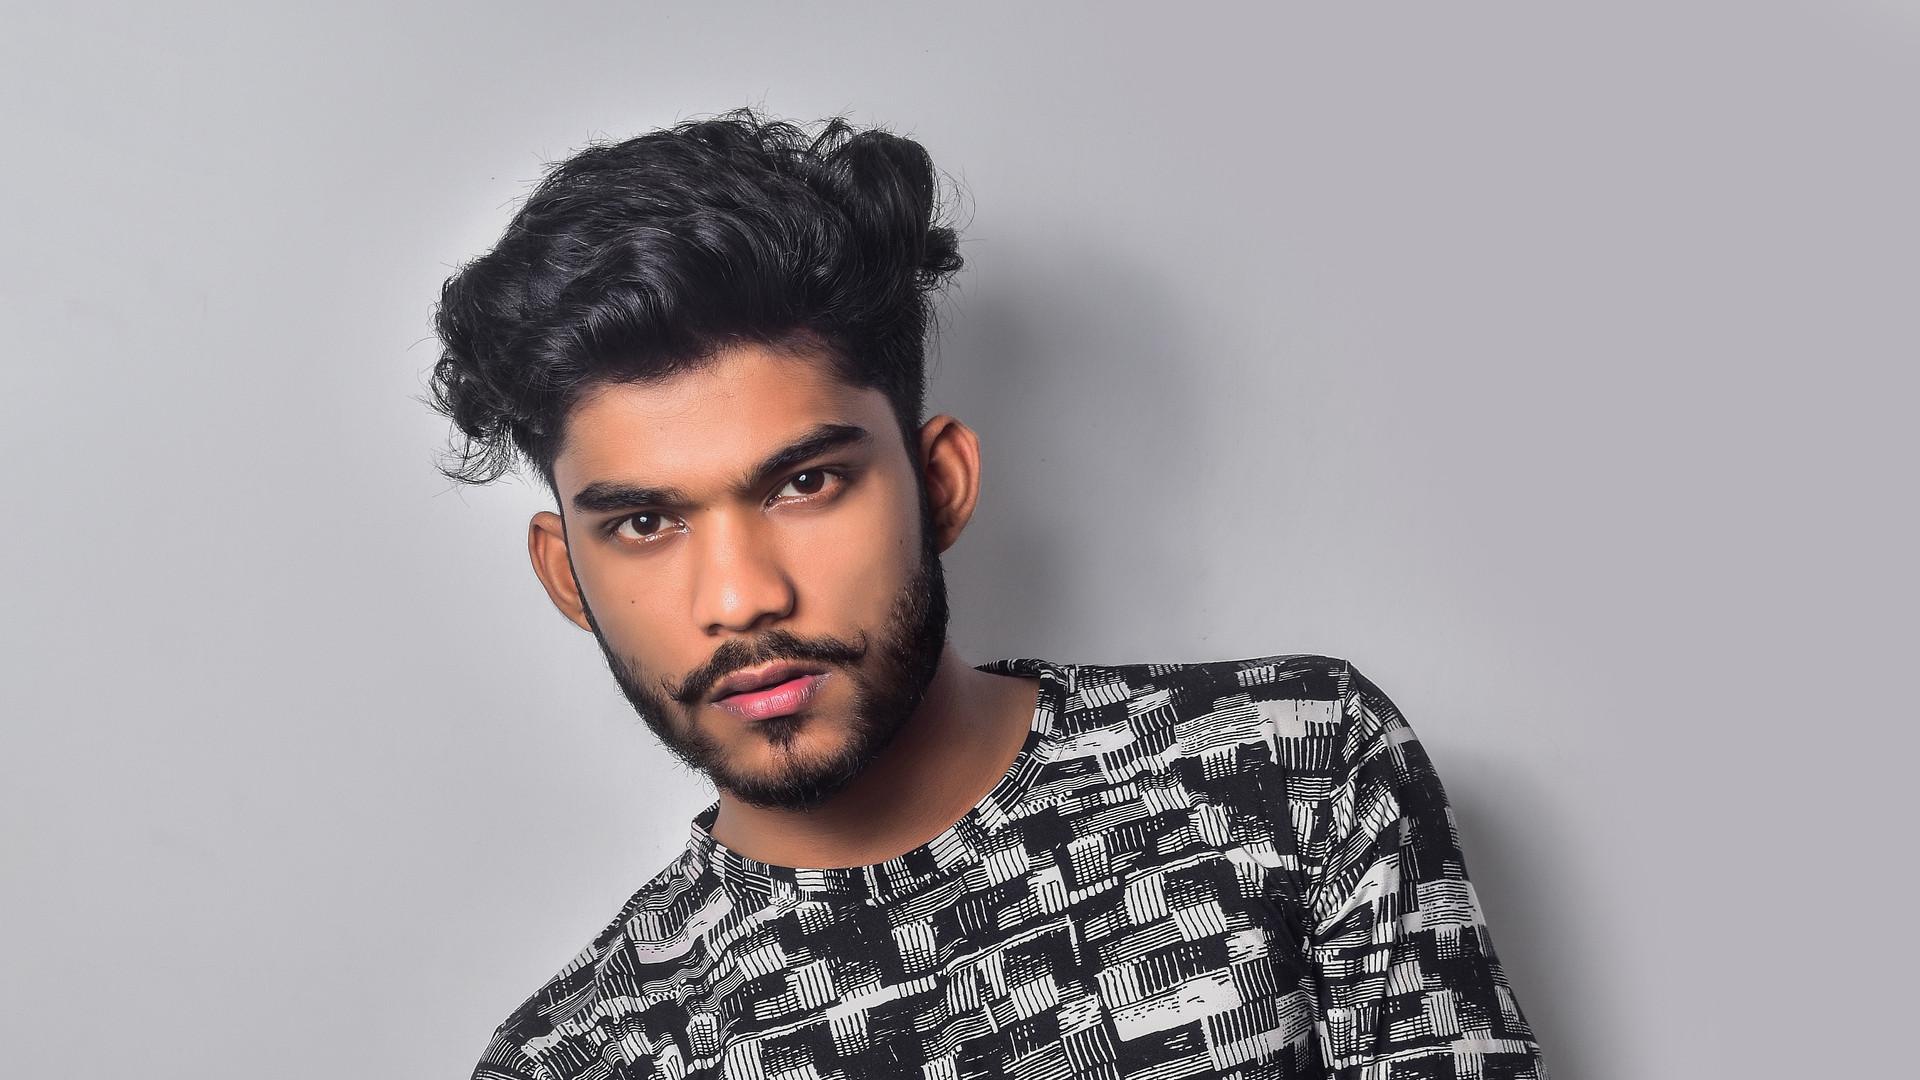 Male Hair-Piece